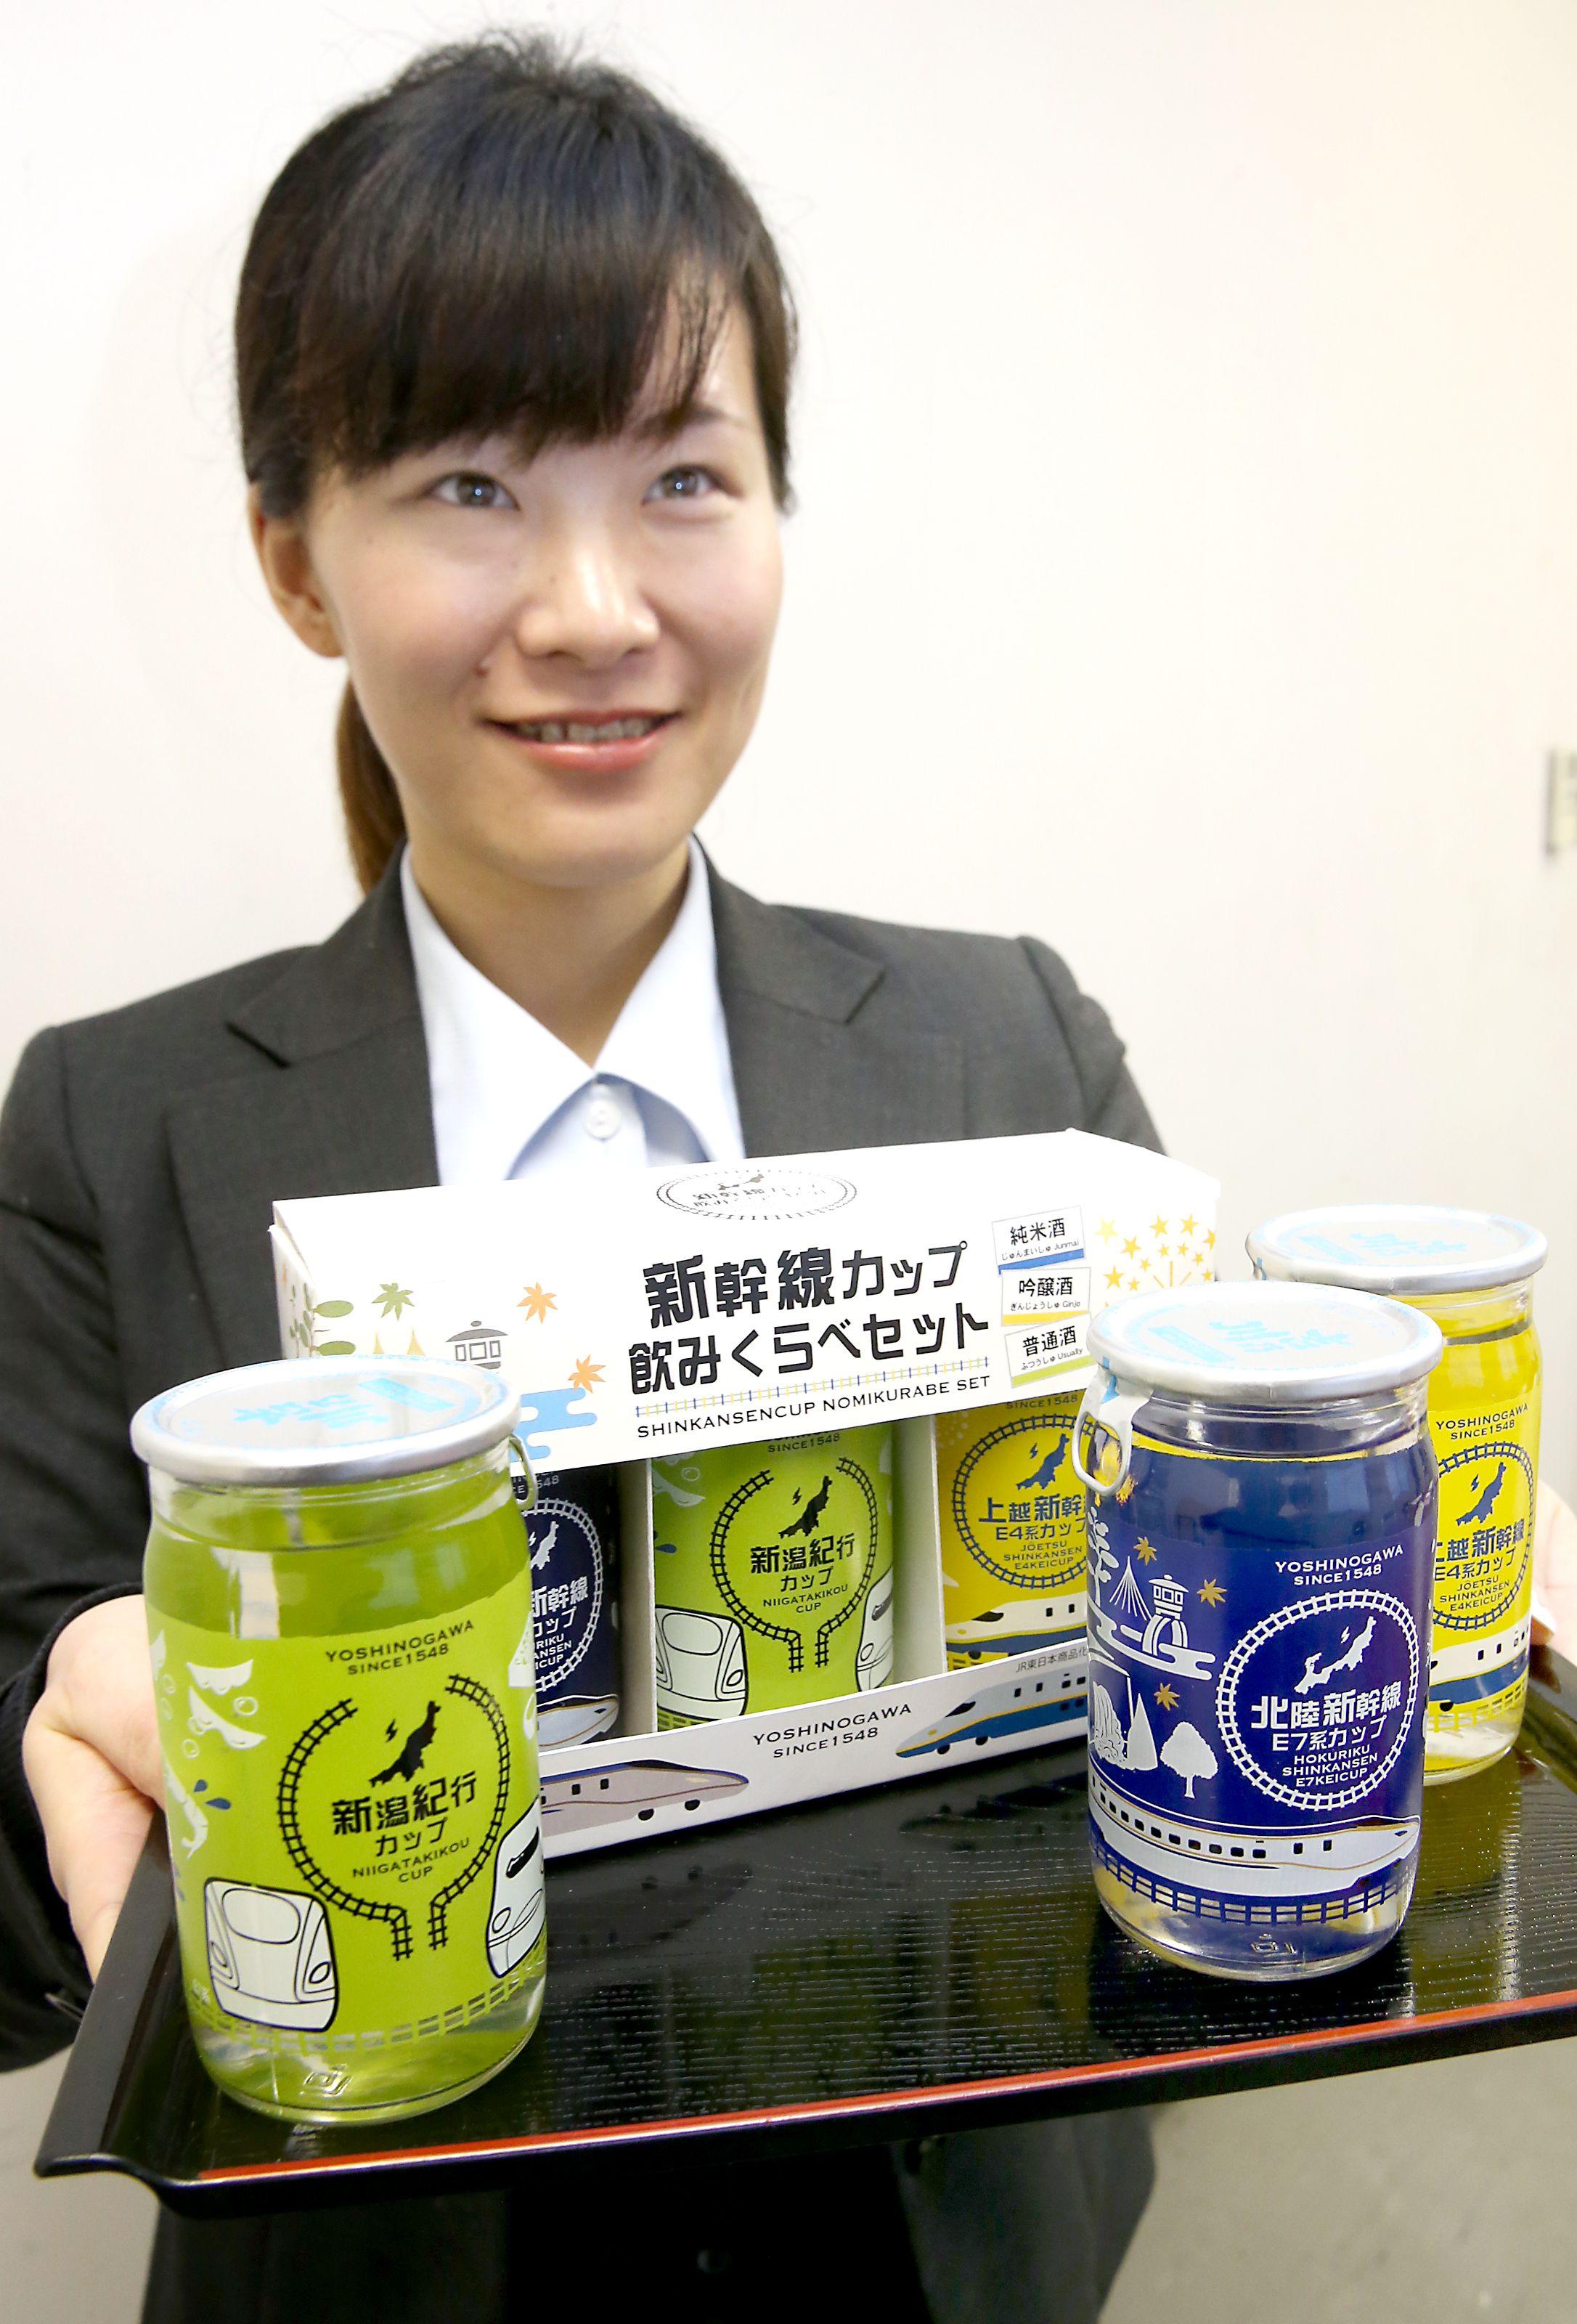 北陸新幹線延伸を盛り上げようと長岡市の吉乃川が販売する日本酒の新幹線カップ